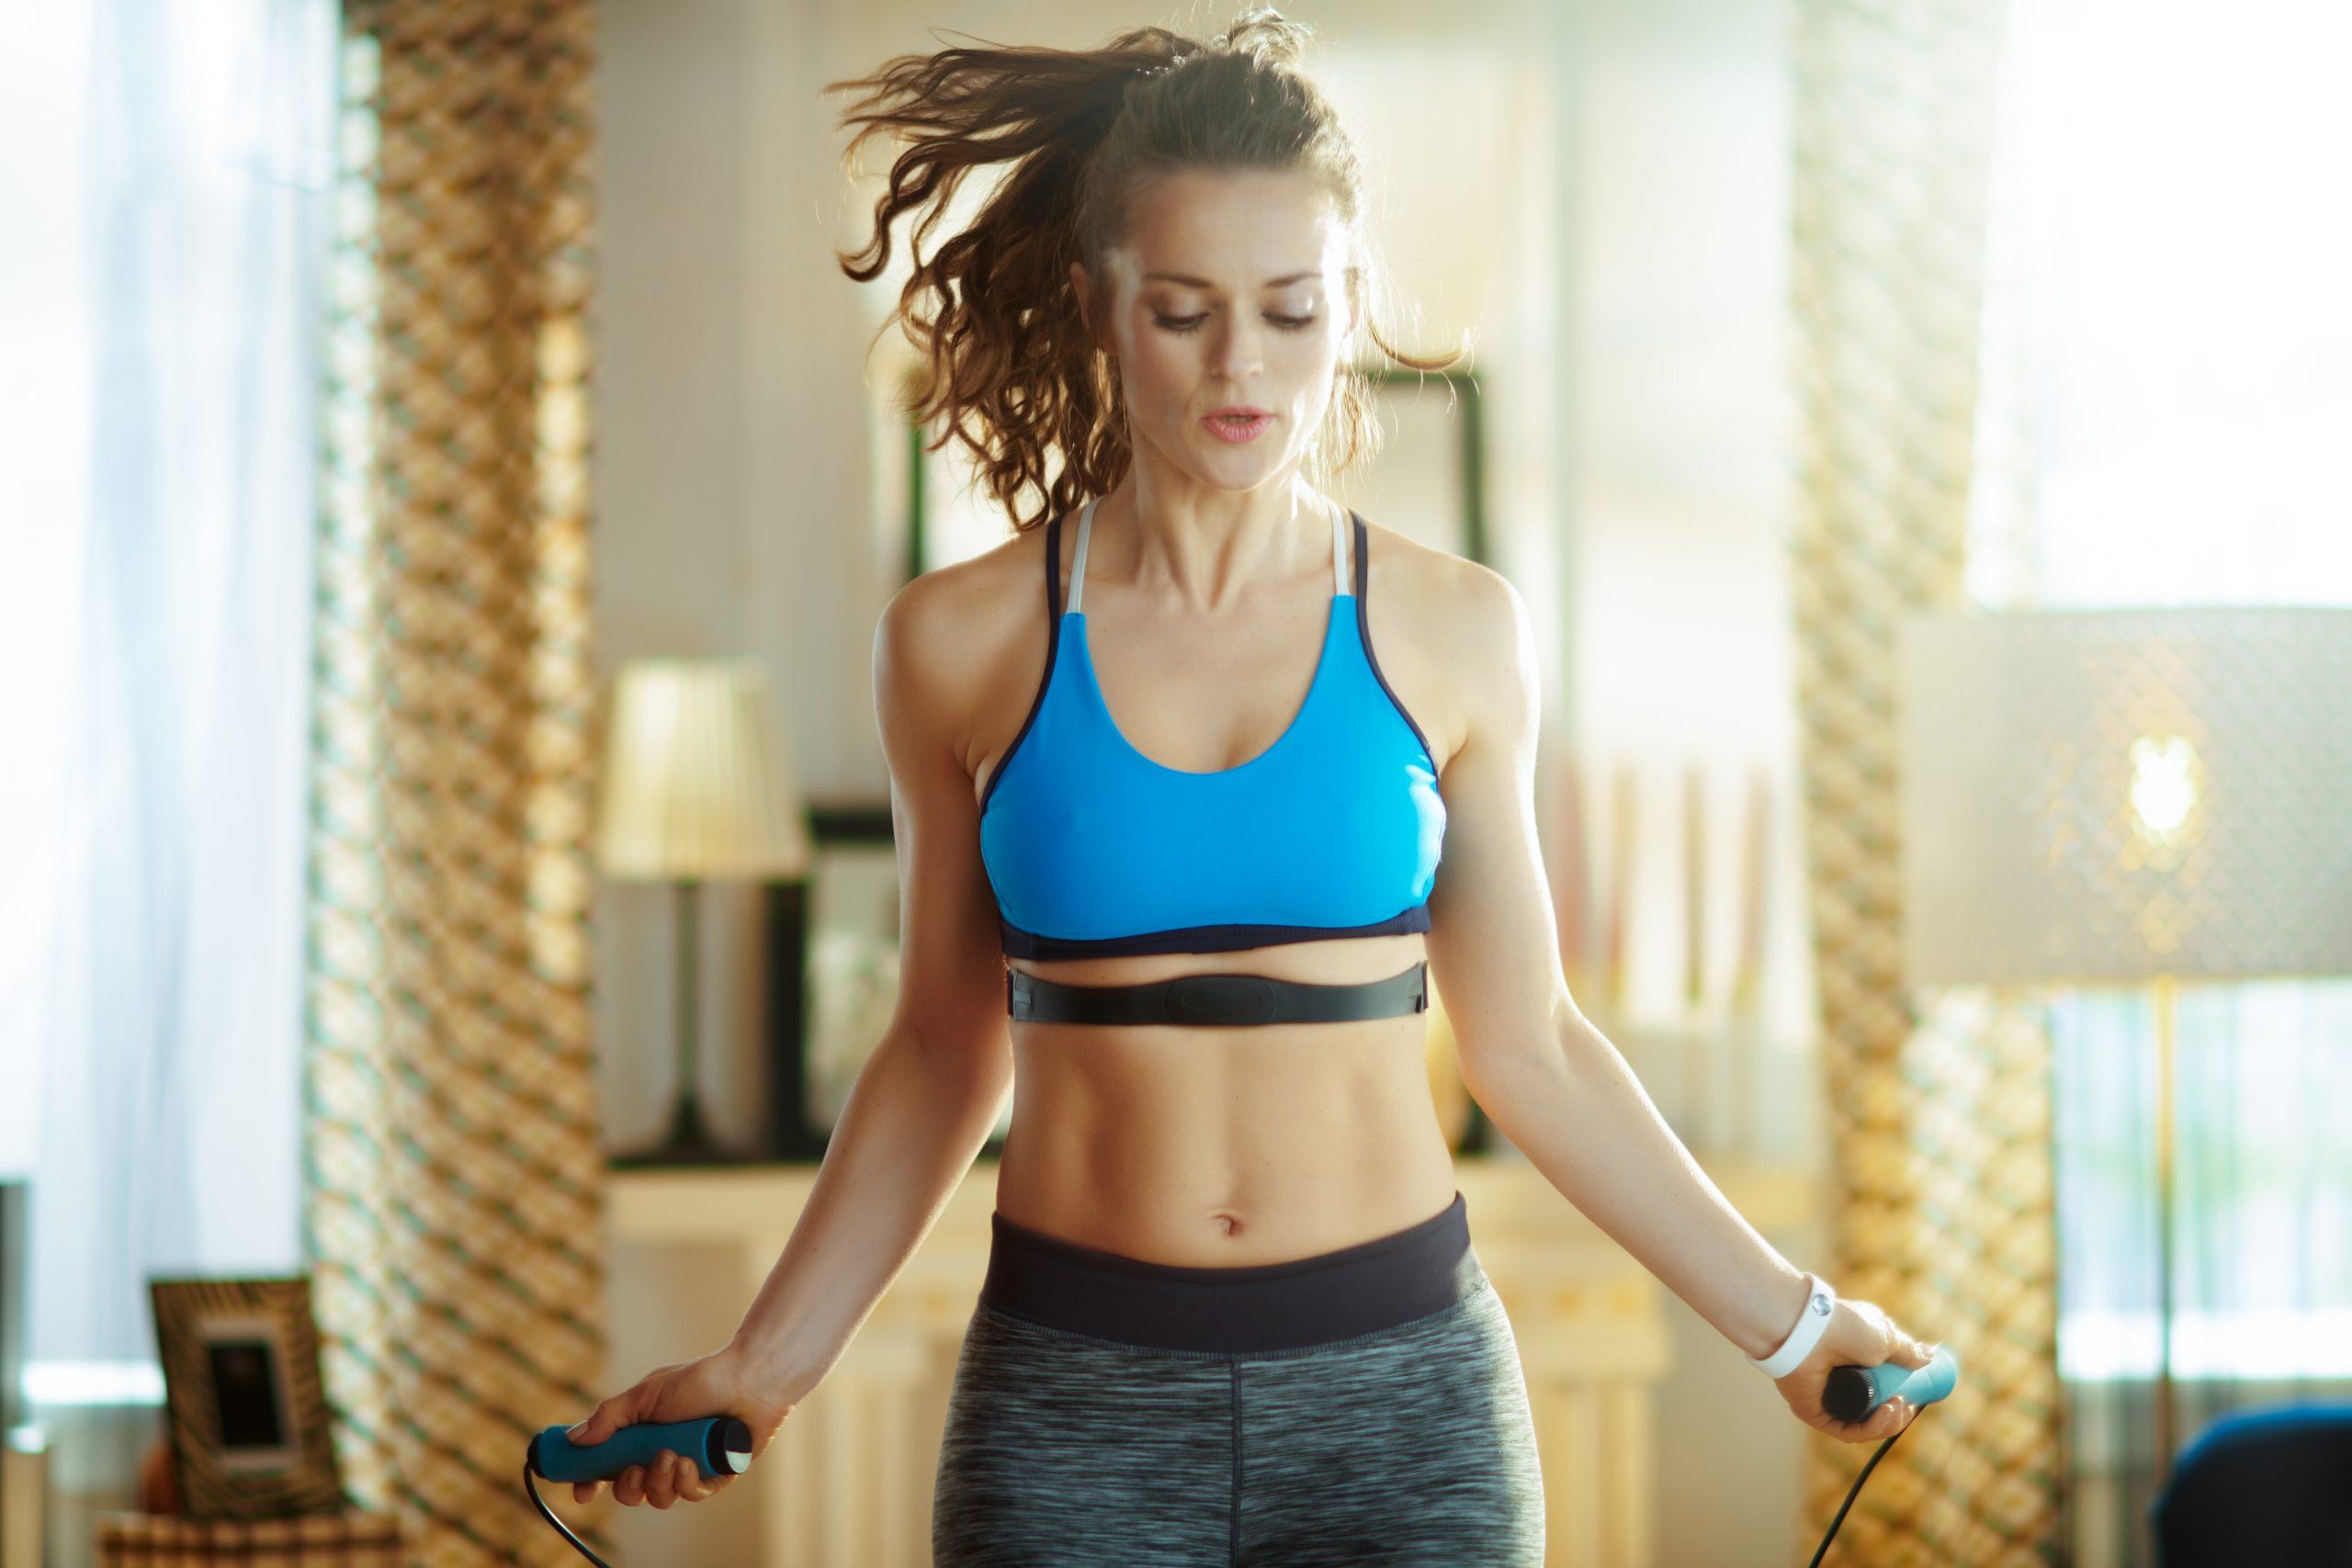 Treino HIIT com corda: 20 minutos para queimar calorias e melhorar o condicionamento físico